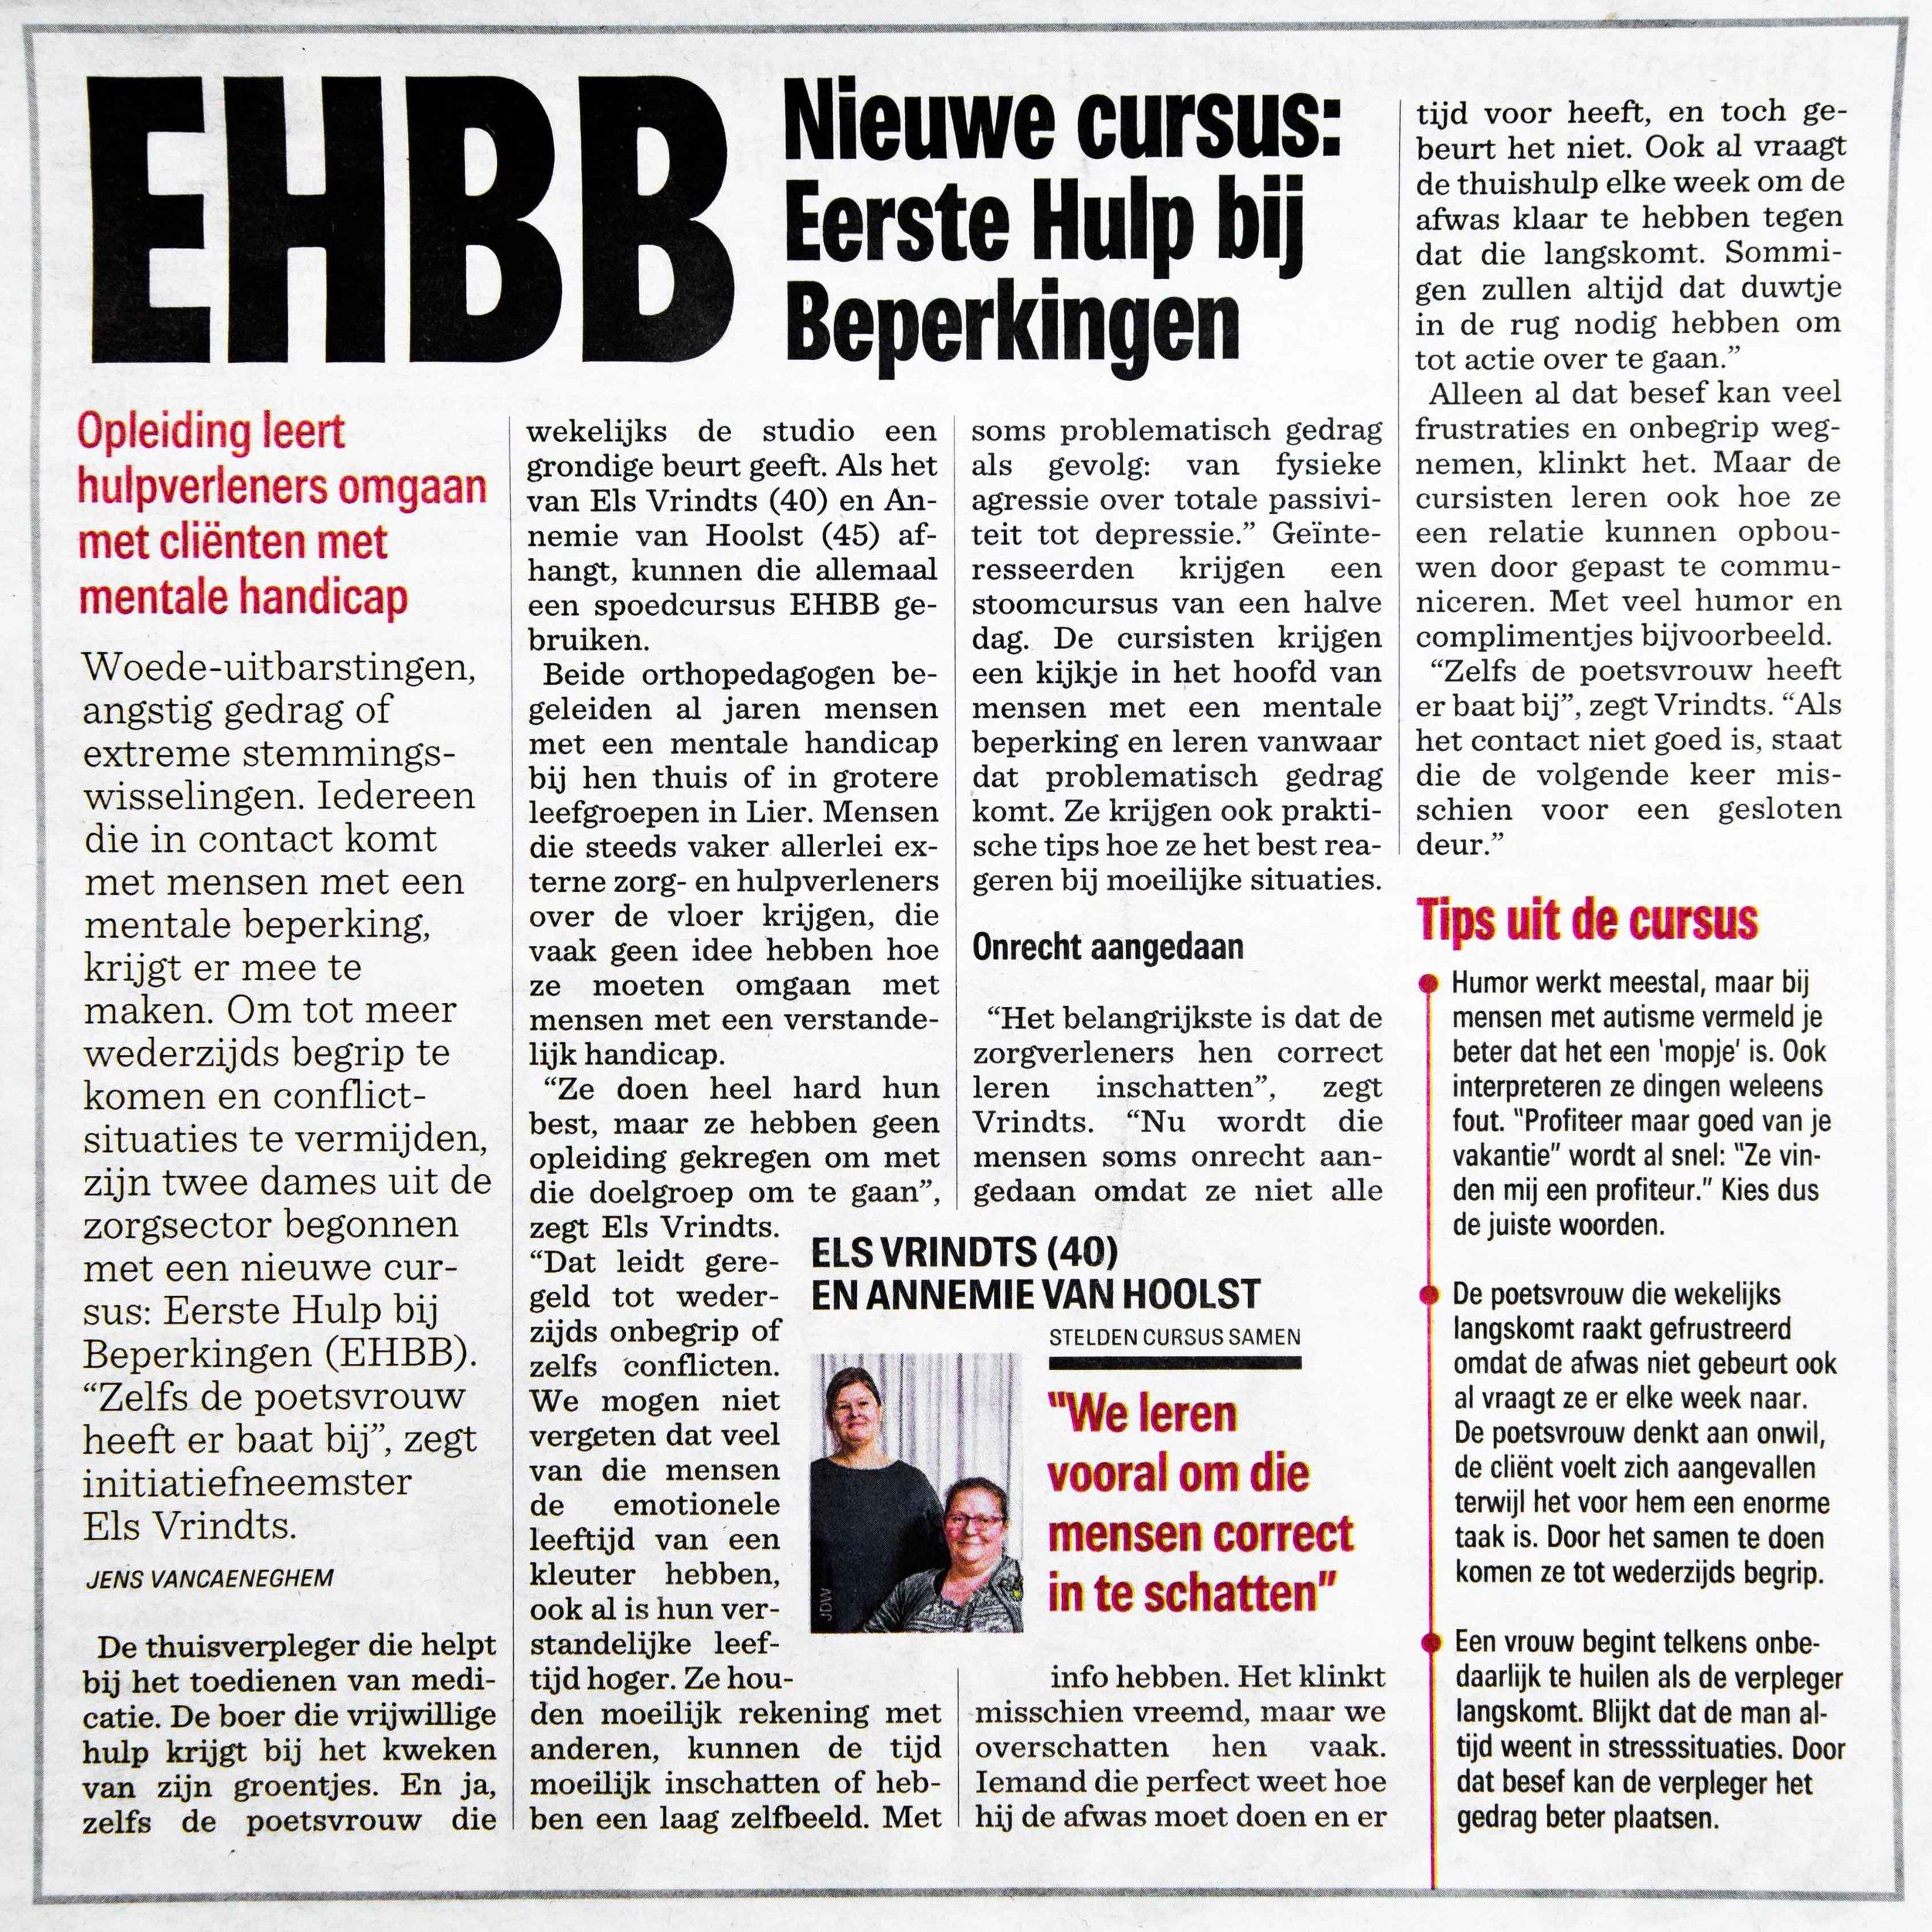 uit het nieuwsblad 27/1/2018